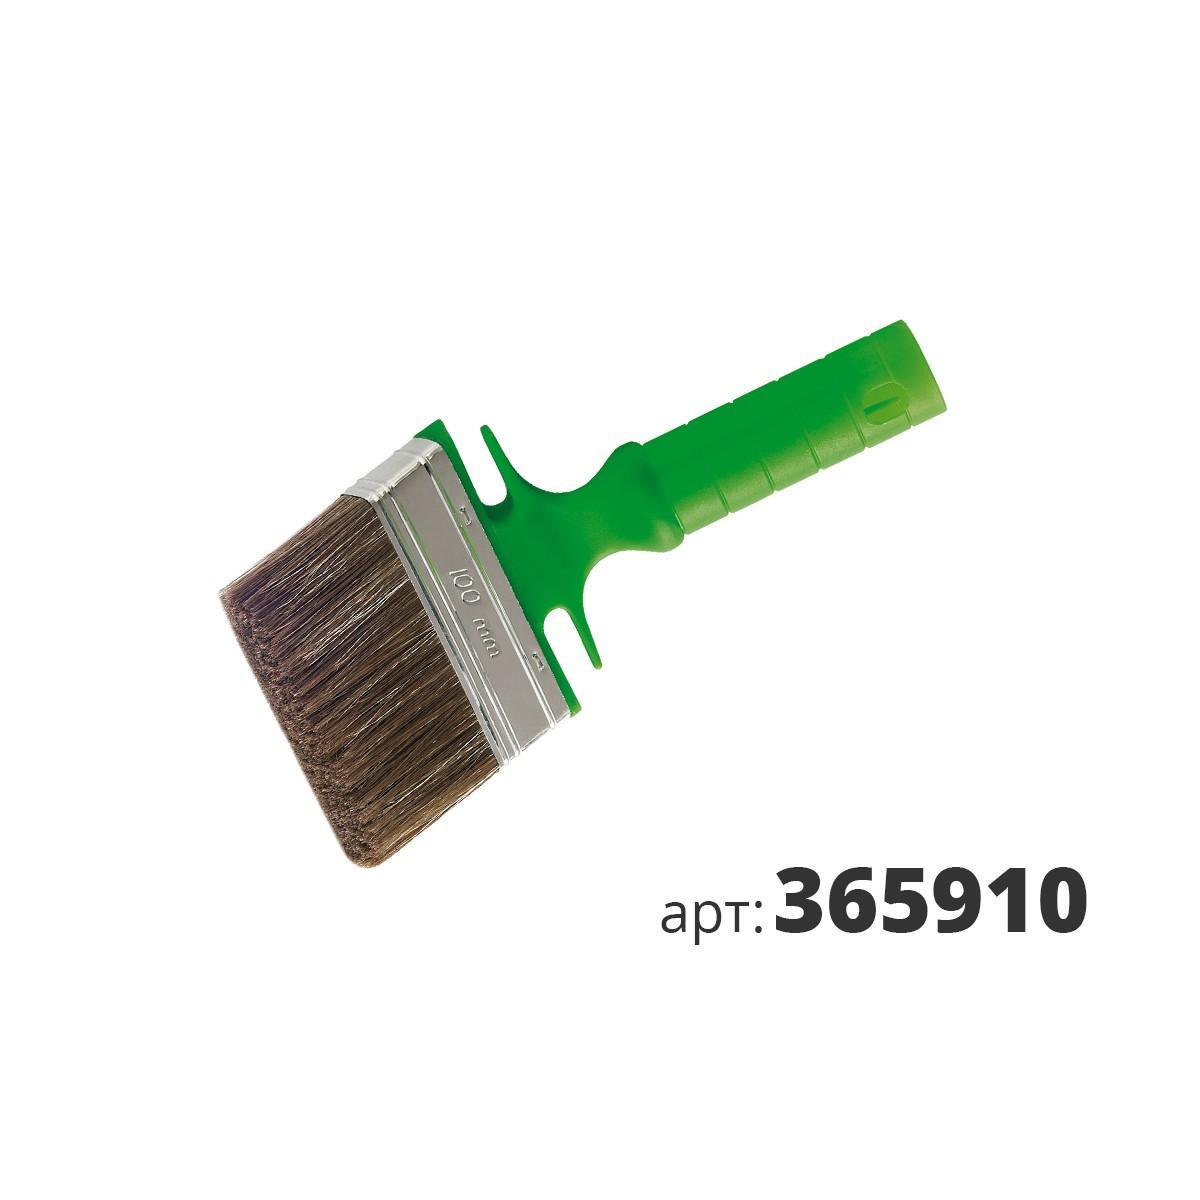 МАКО кисть макловица, смесь полиэстер (Hollester) и натуральной щетины 365910